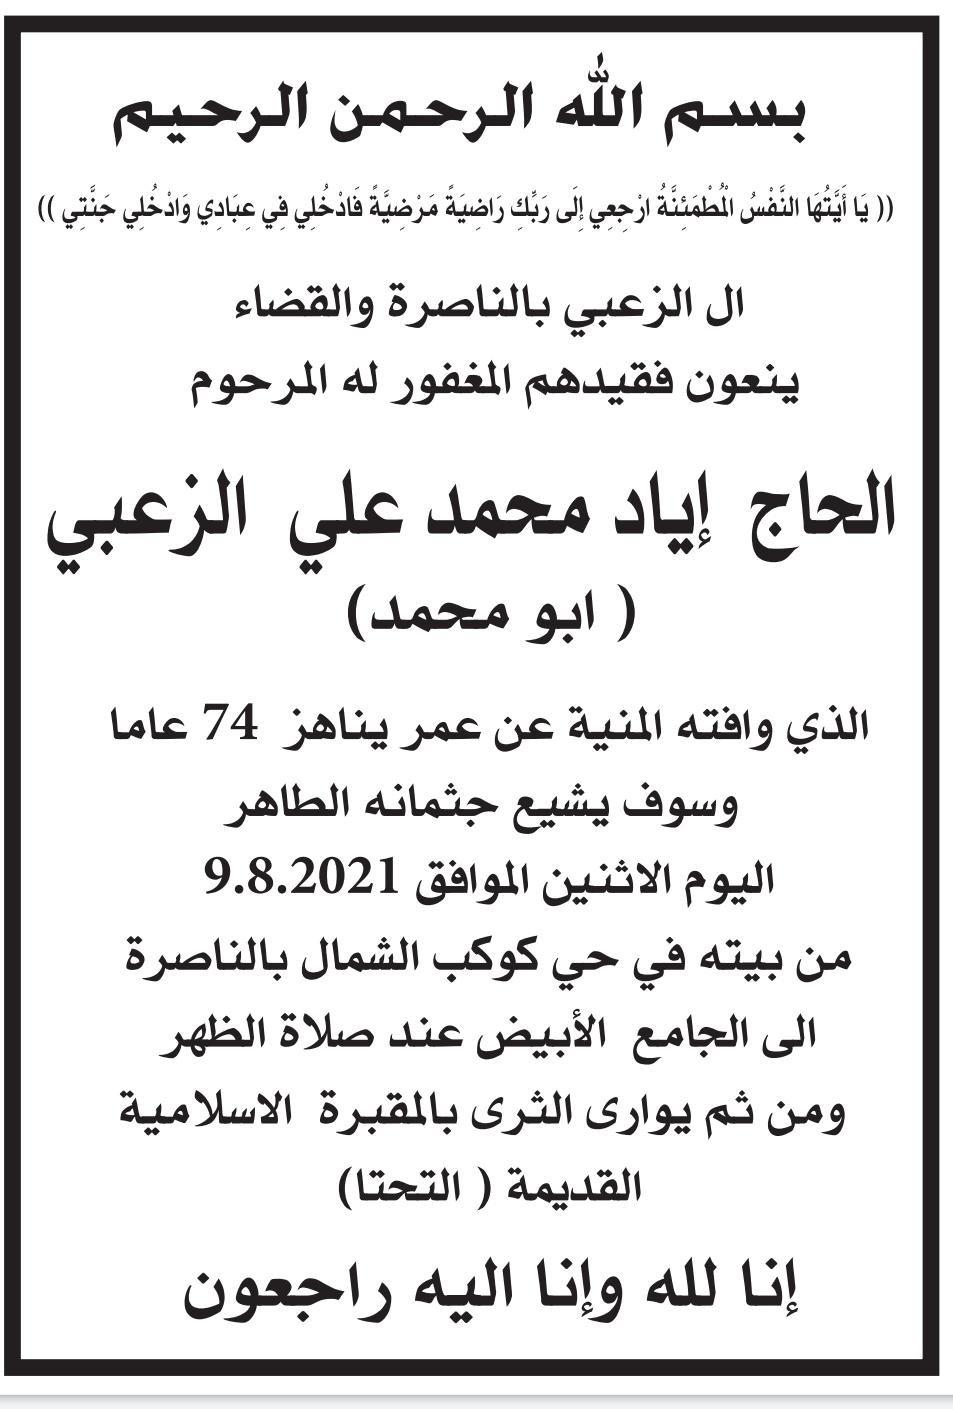 الناصرة: الحاج إياد محمد زعبي (أبو محمد) في ذمة الله-0